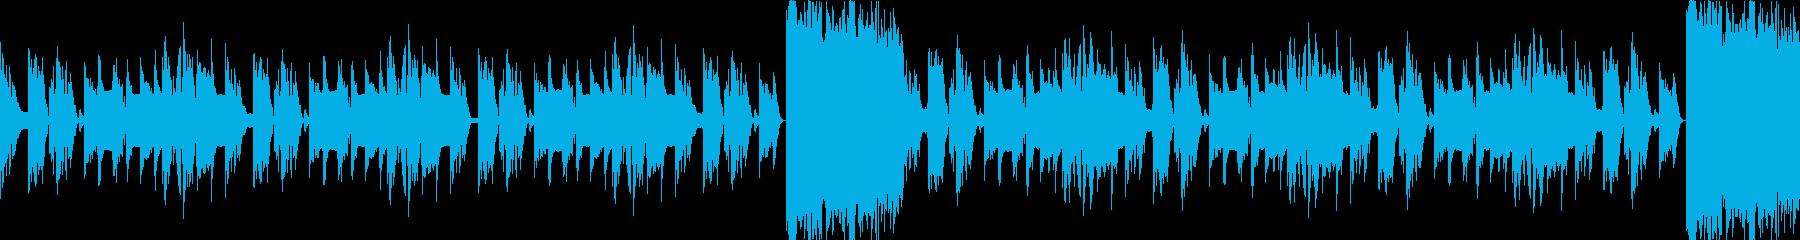 洞窟、ダンジョン、暗く切ない曲ループcの再生済みの波形